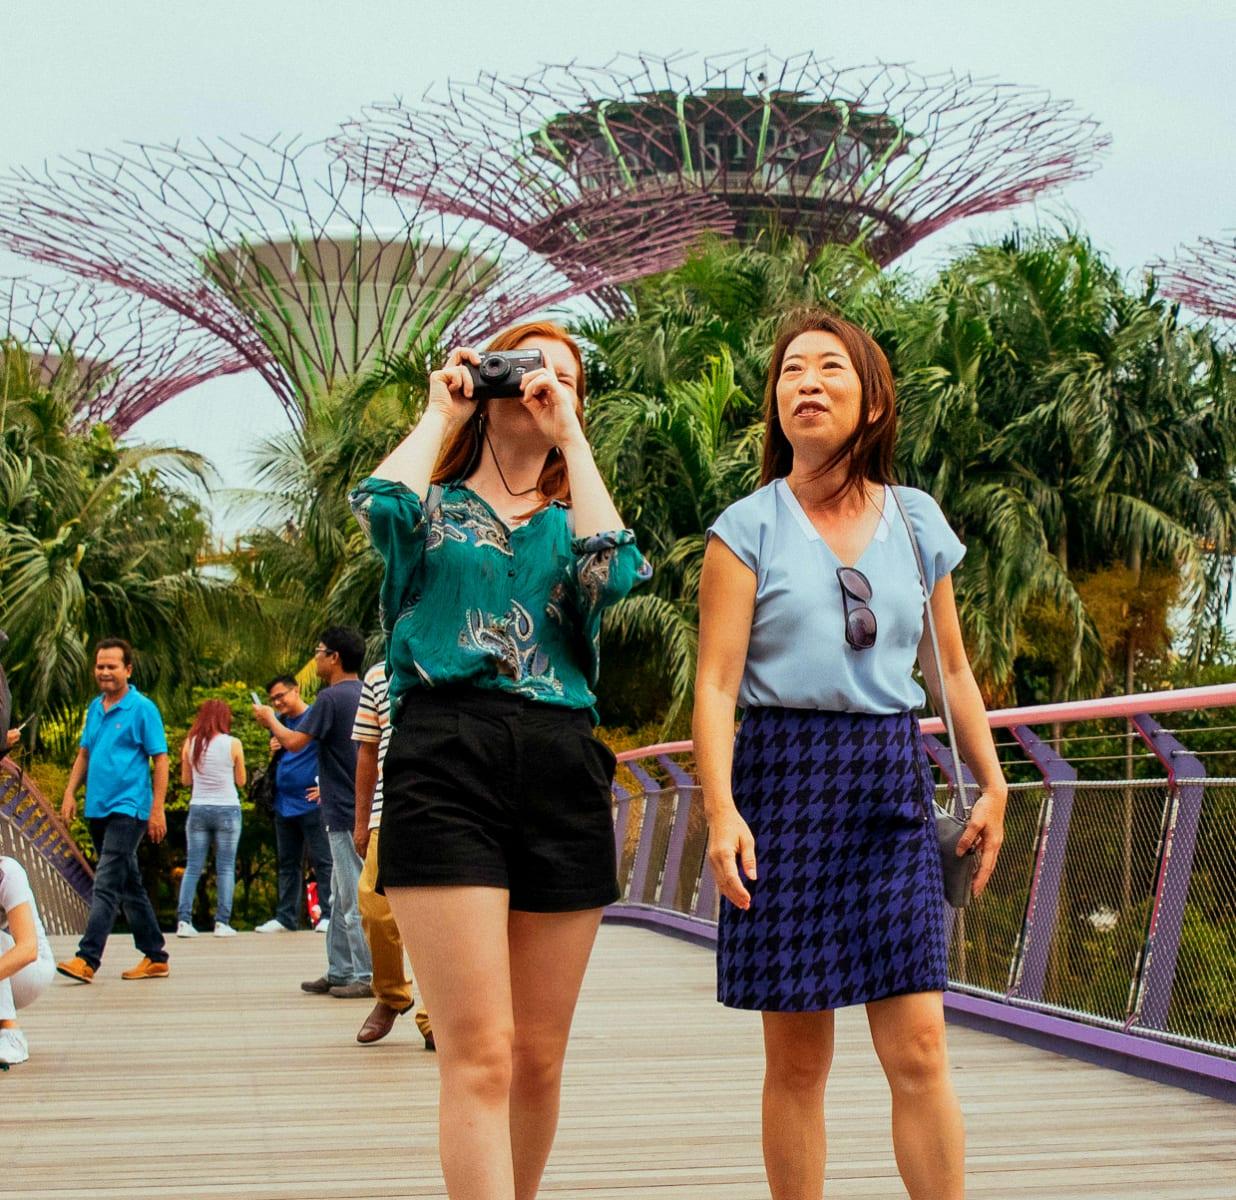 Secret dating plaatsen in Singapore Wanneer doet Spencer start dating Toby